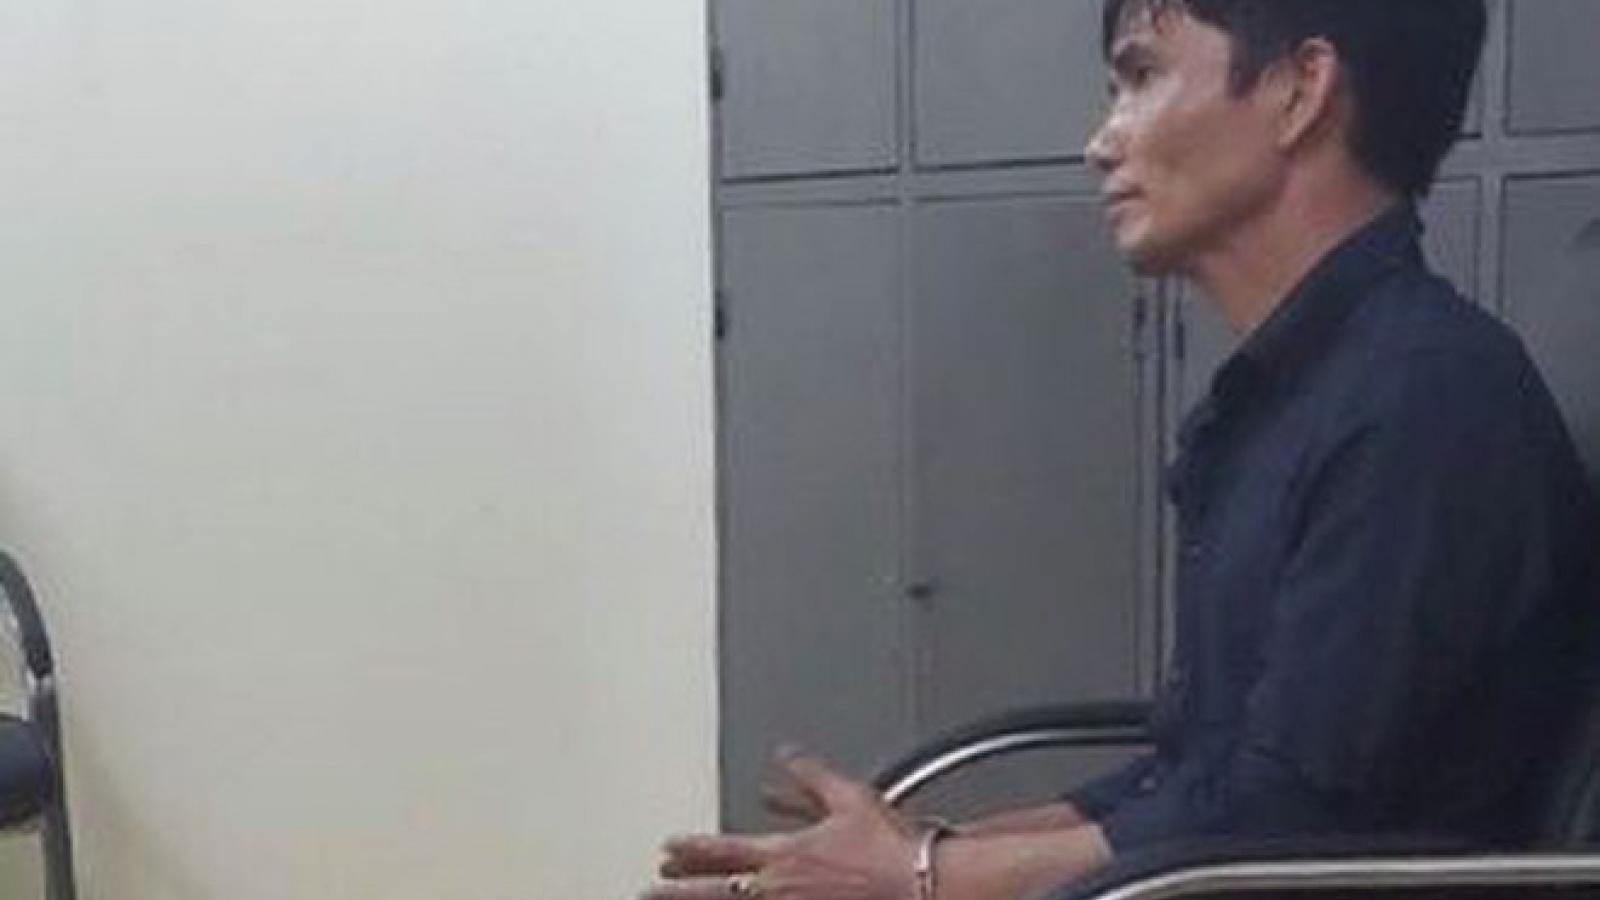 Đối tượng bạo hành con ở Bắc Ninh có nhiều tiền án và quan hệ phức tạp